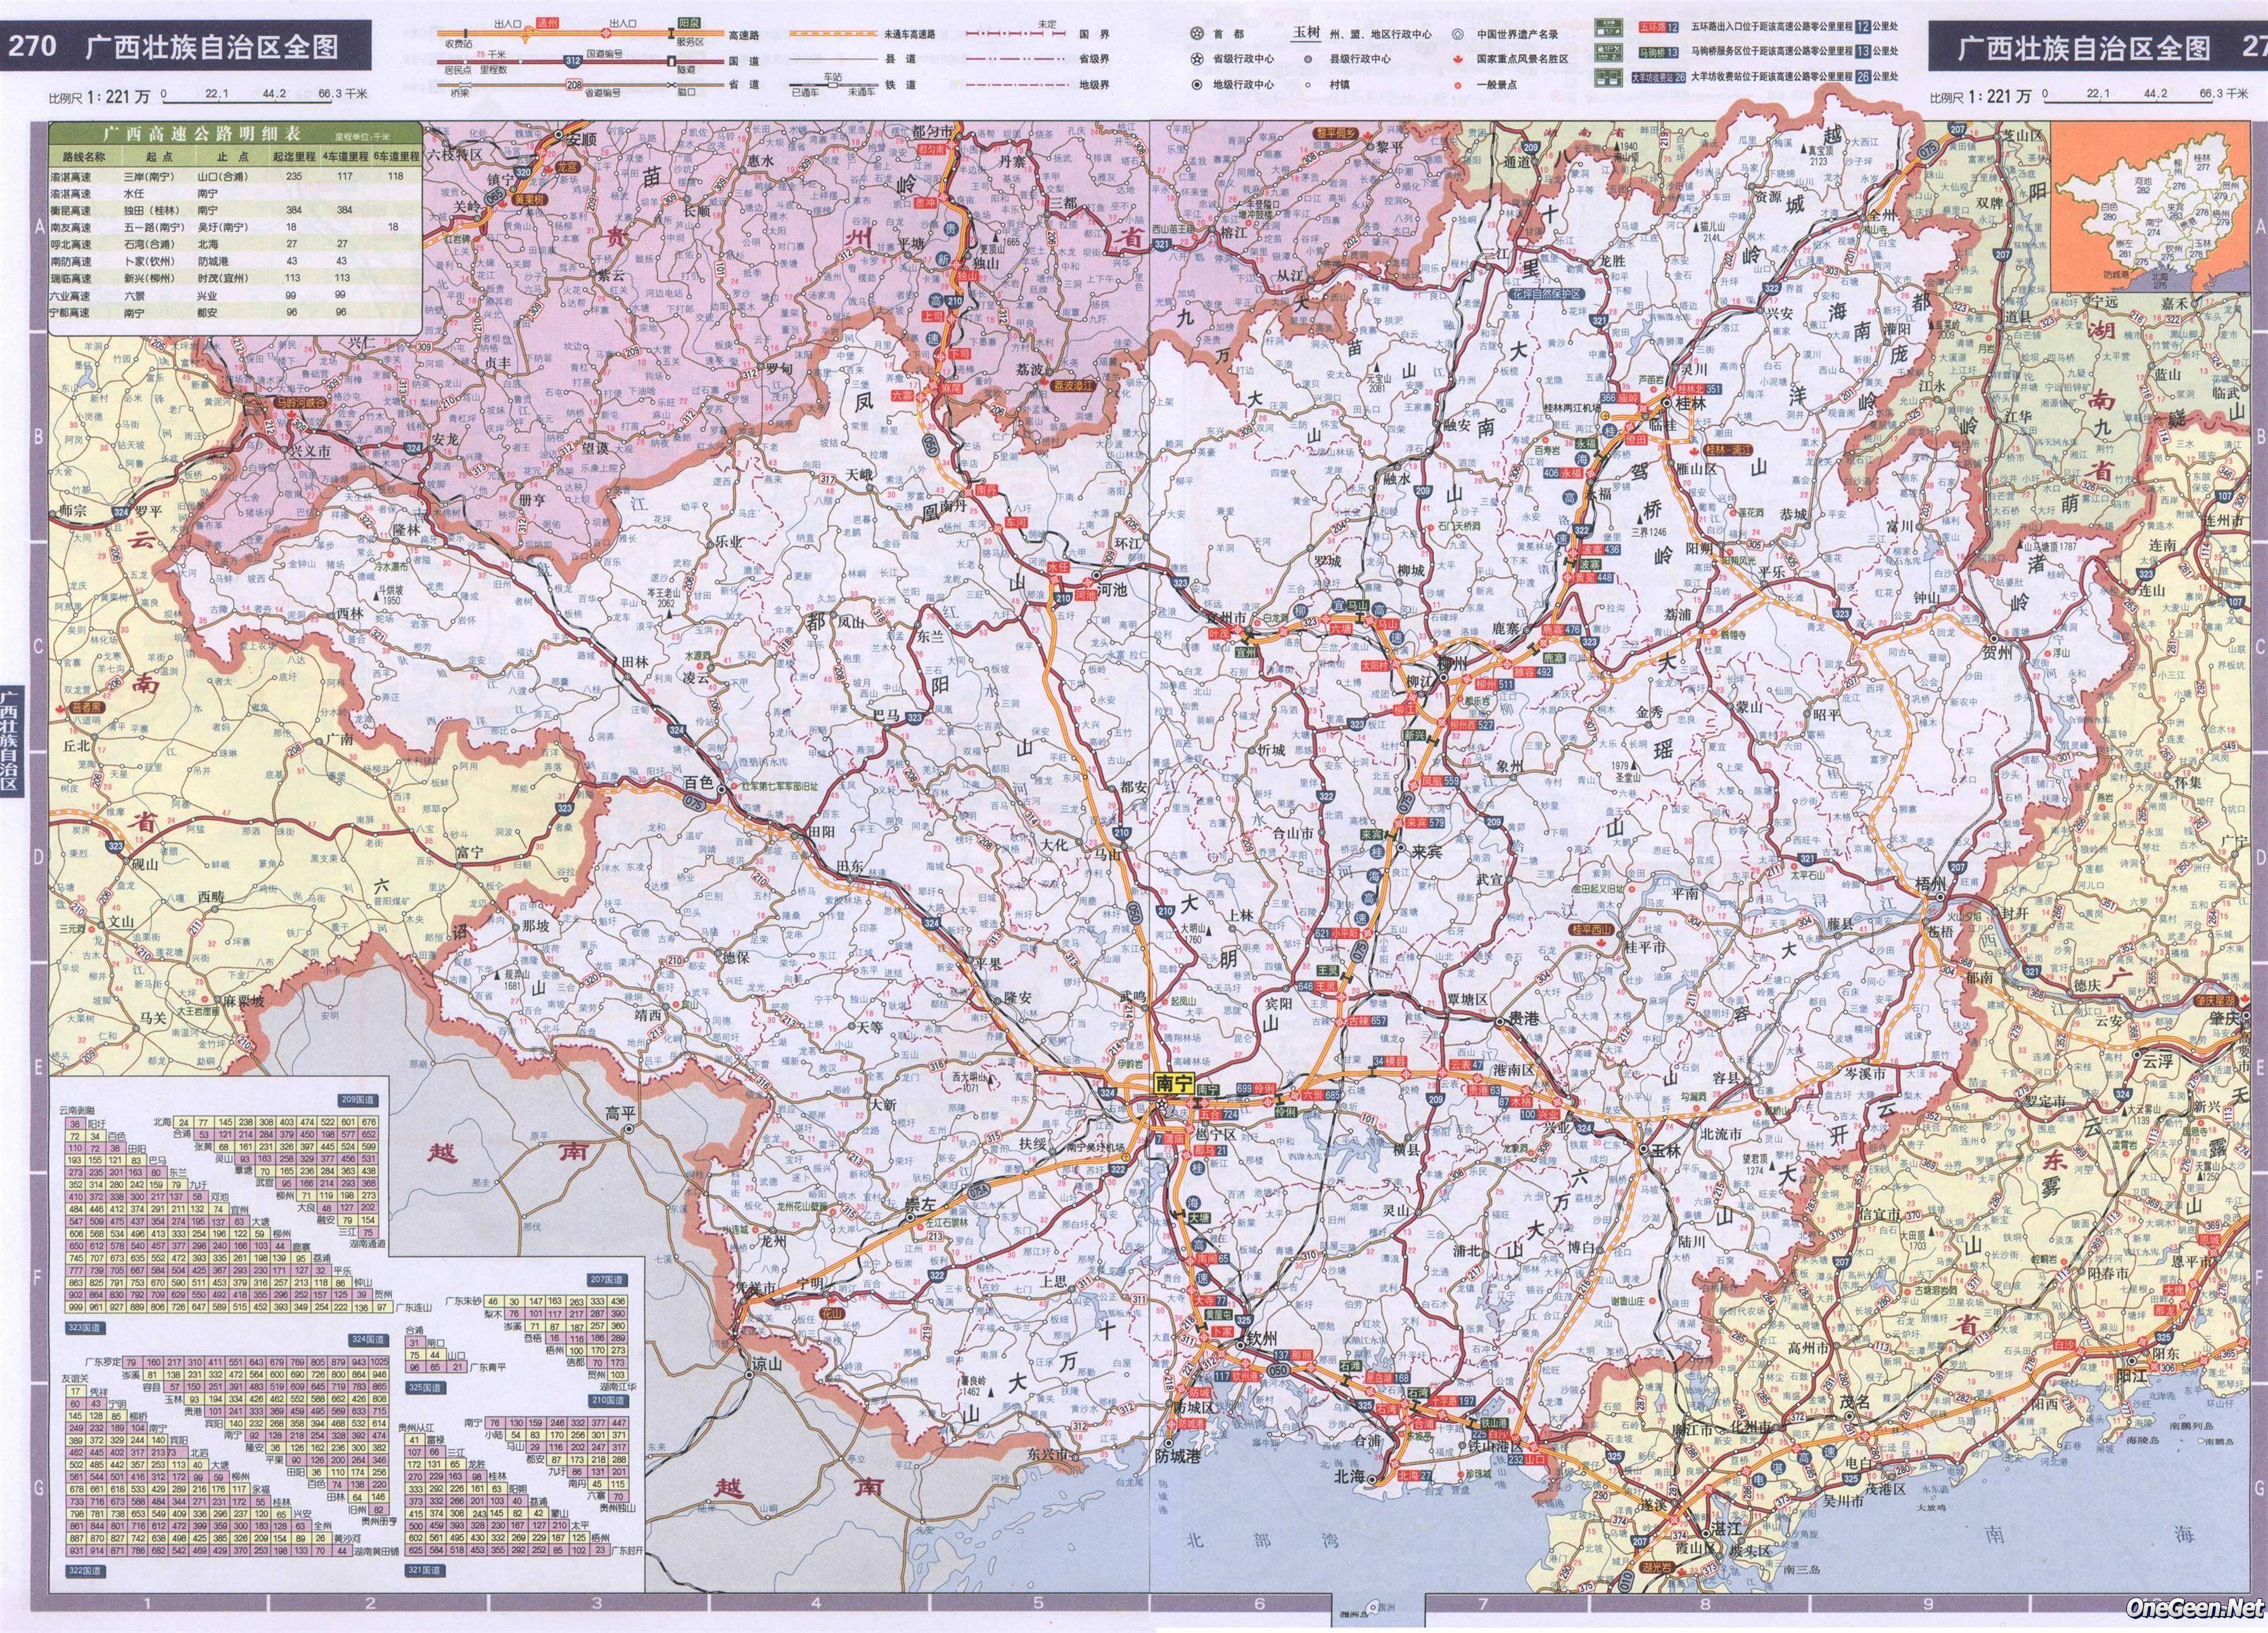 广西交通地图全图_广西公路交通地图全图_交通地图库_地图窝